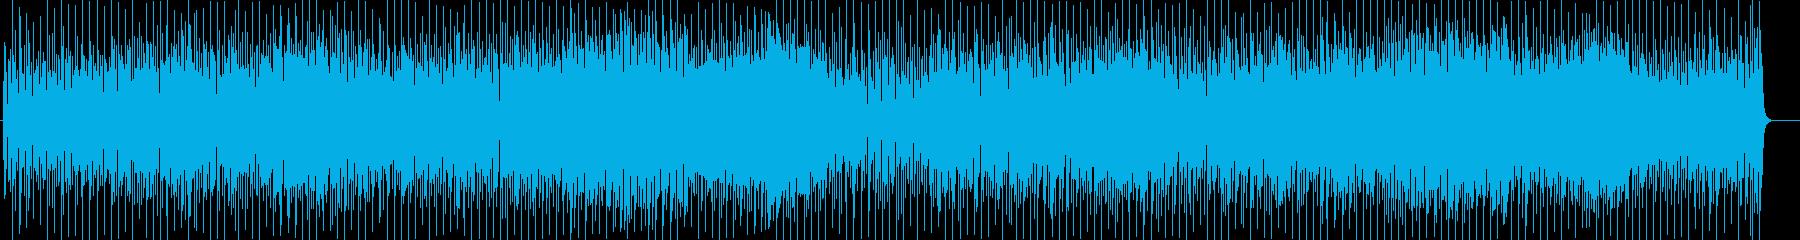 ウィットに富んだフレージングのサックスの再生済みの波形